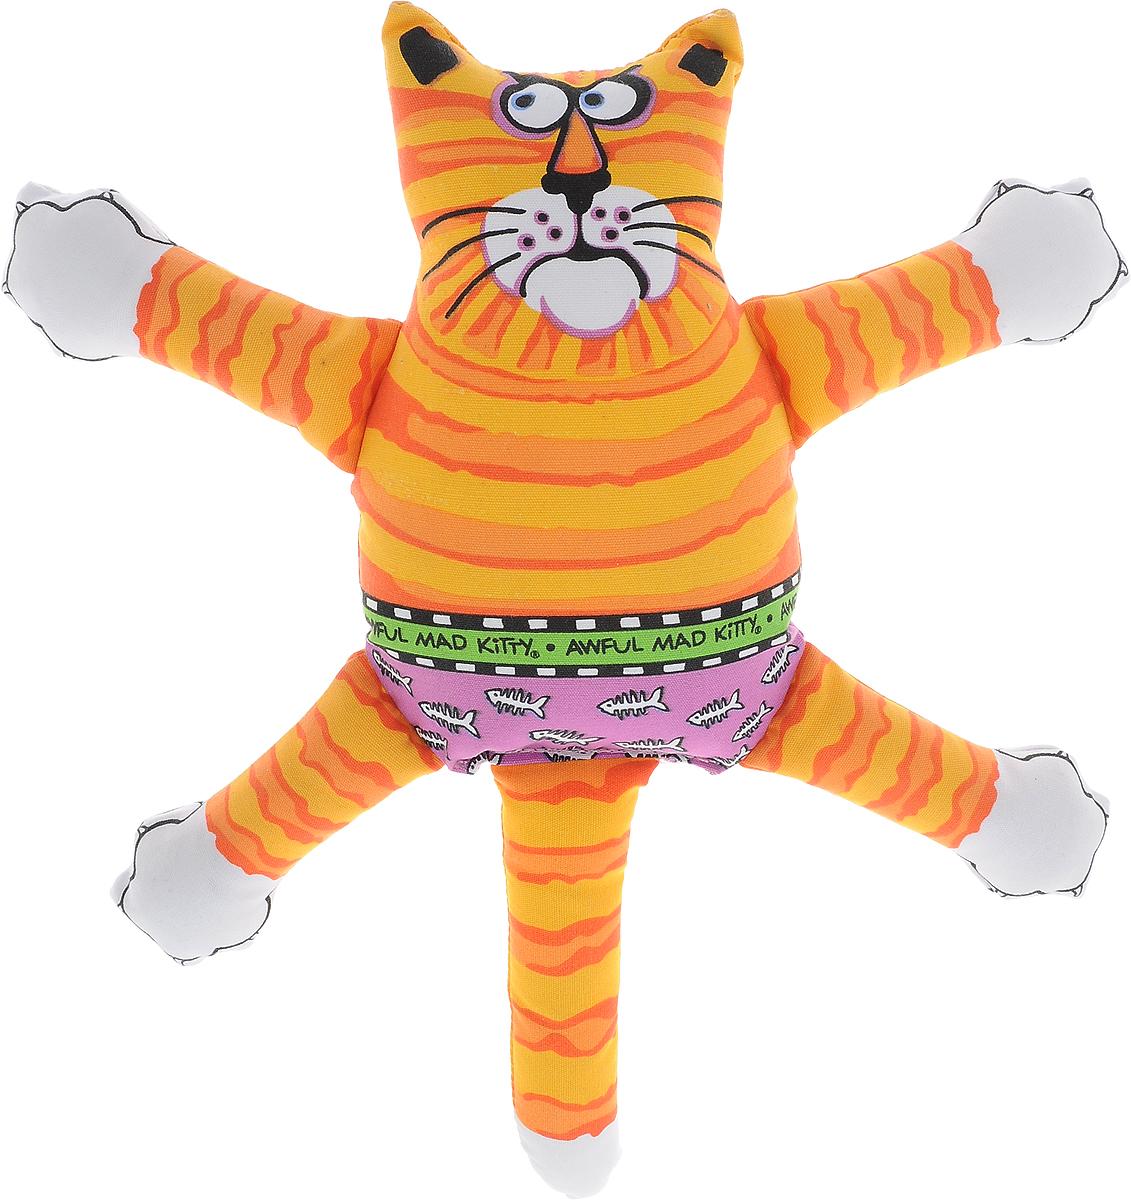 Игрушка для собак Kitty City Кот-забияка, цвет: оранжевый19437.оранжВся продукция изготовлена из прочных и экологически безопасных материалов. Поэтому, покупая Kitty City, Вы можете быть уверены, что покупаете качественный и безопасный товар. Компания постоянно совершенствуется в сторону повышения качества продукции